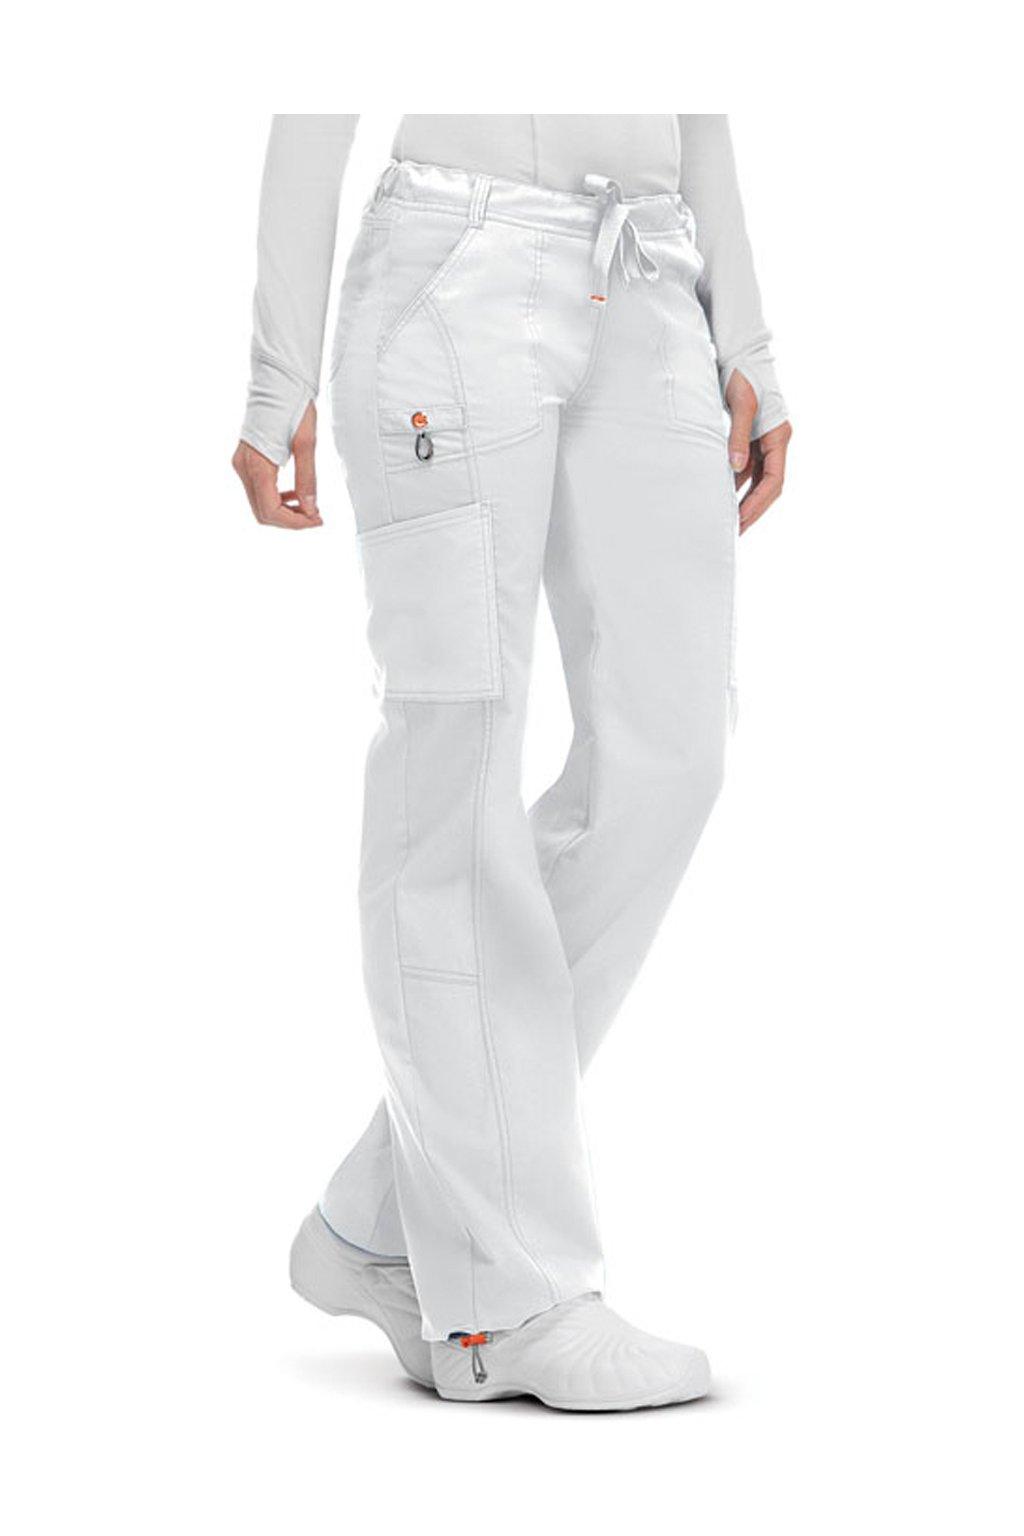 zdravotnicke-kalhoty-cherokee-happy-code-46000a-01